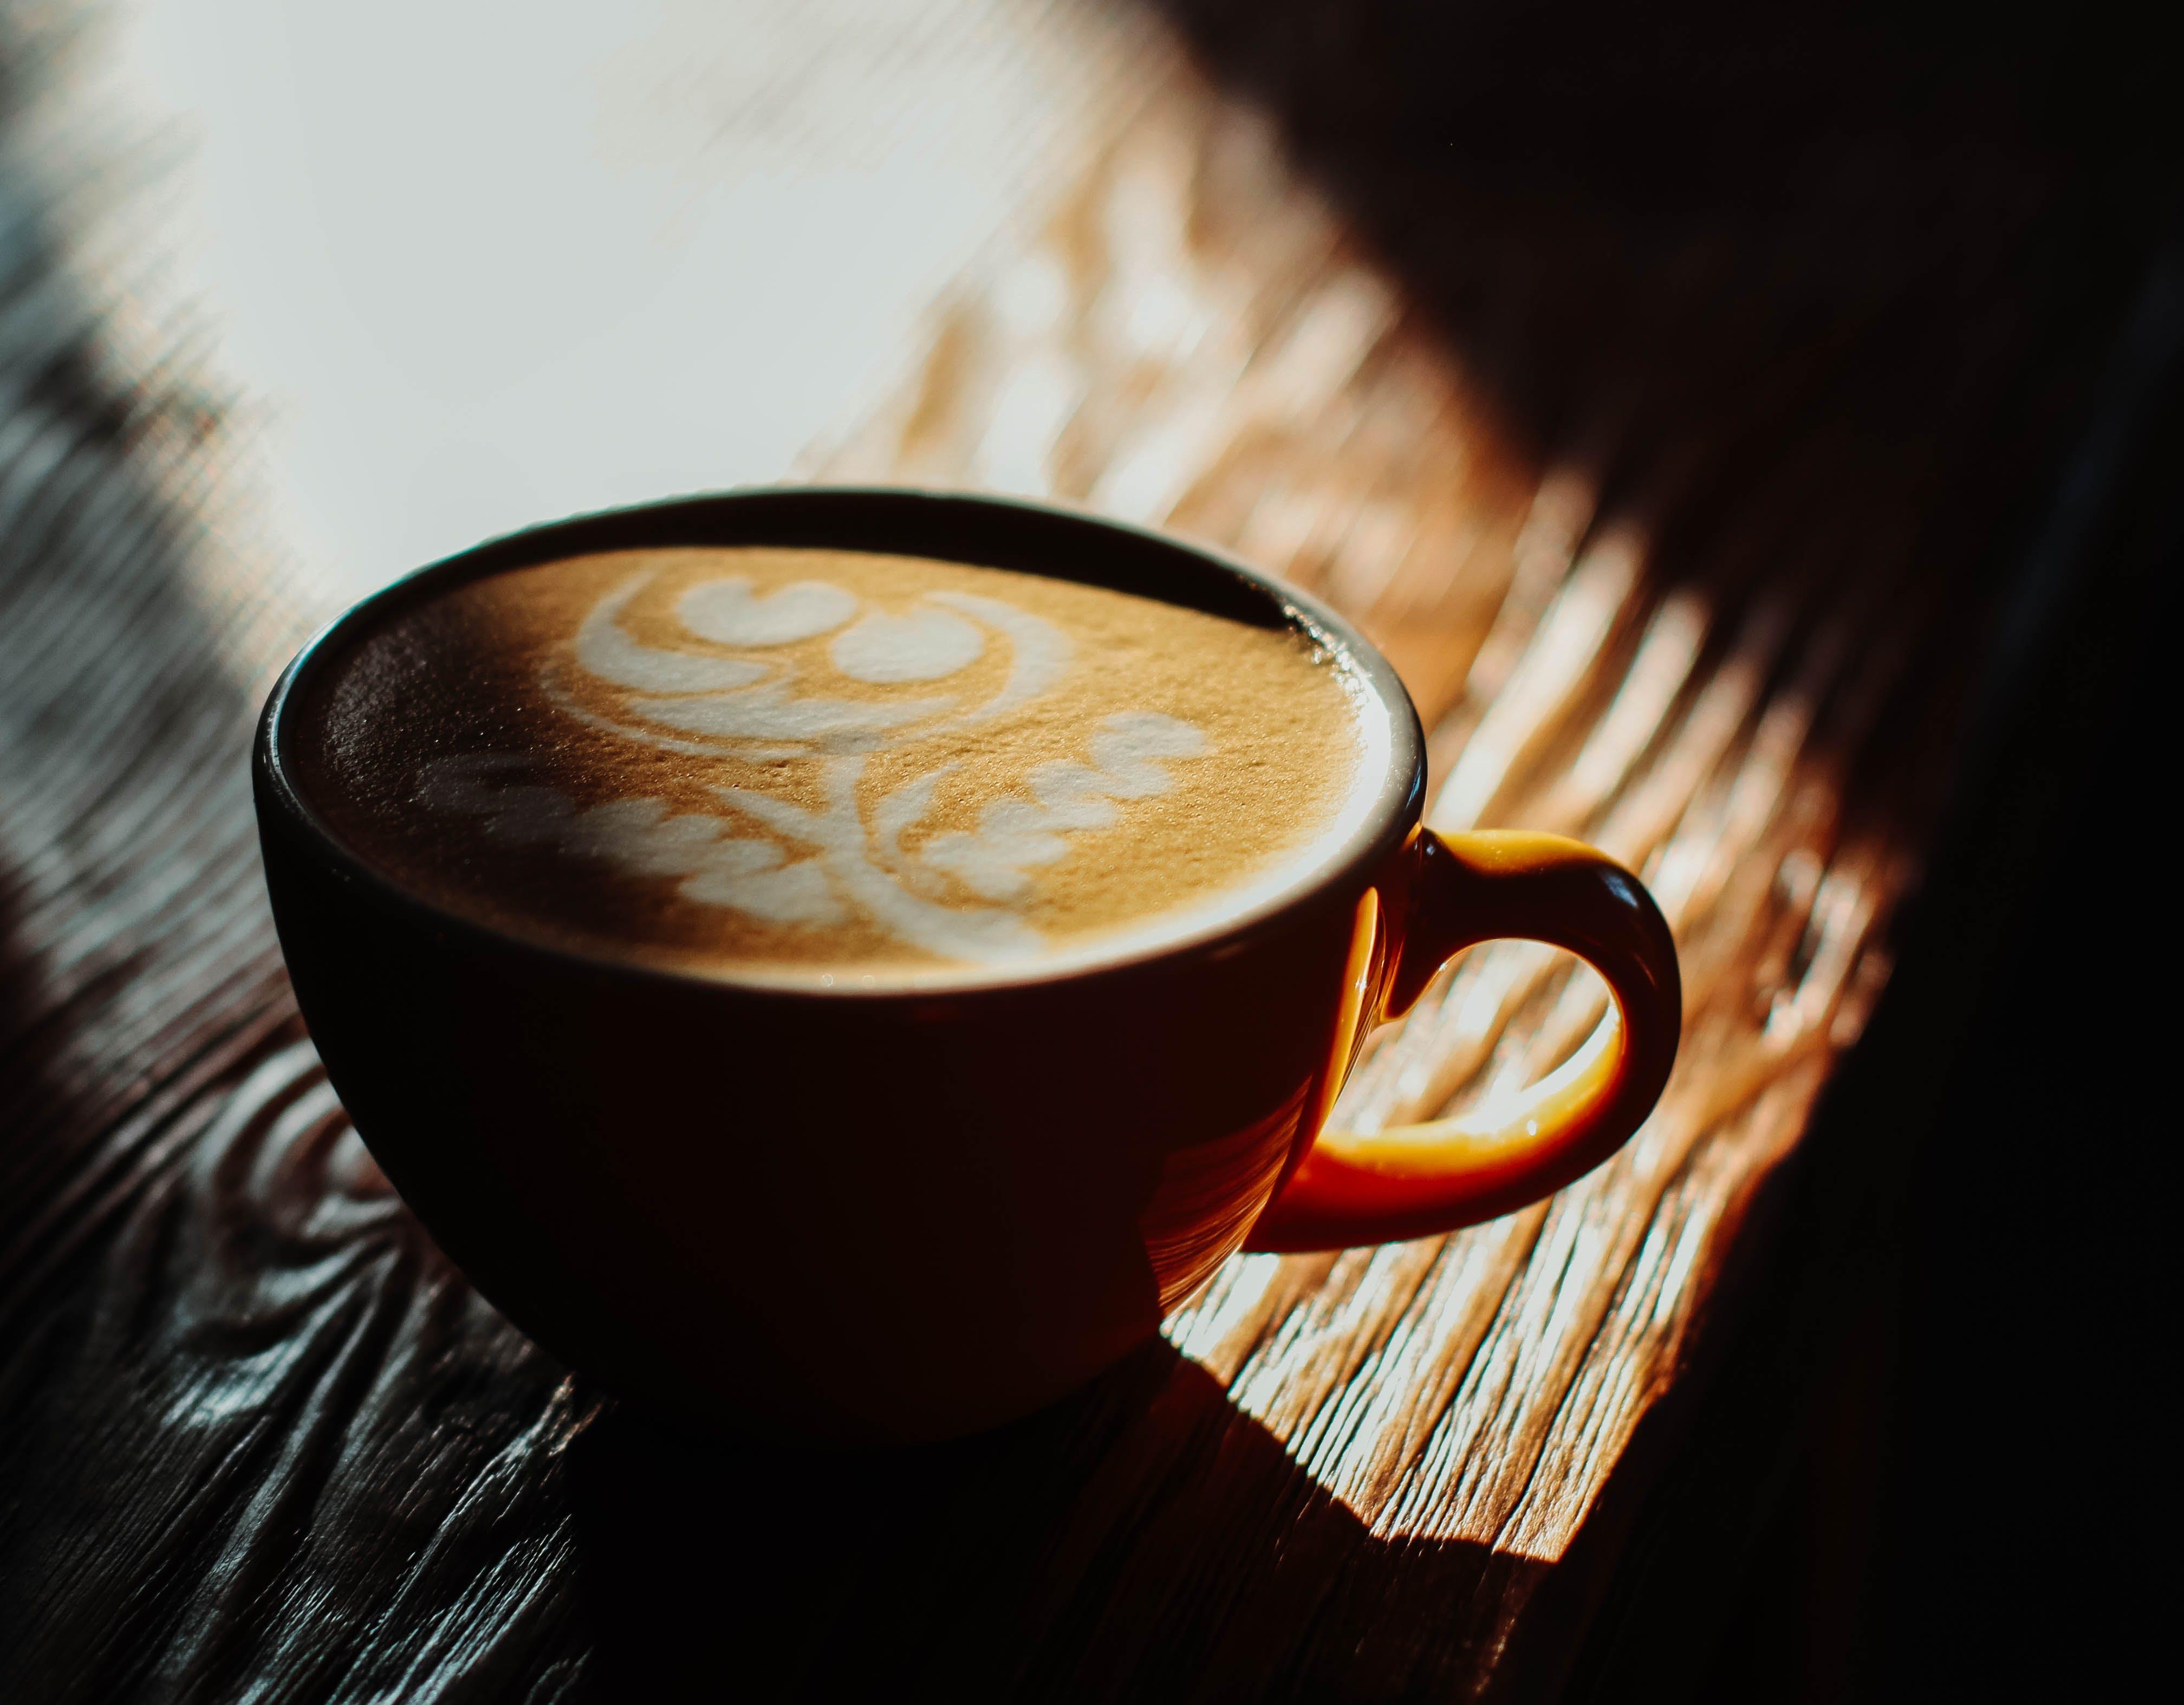 ของ กาแฟ, กาแฟในถ้วย, คาปูชิโน่, คาเฟอีน